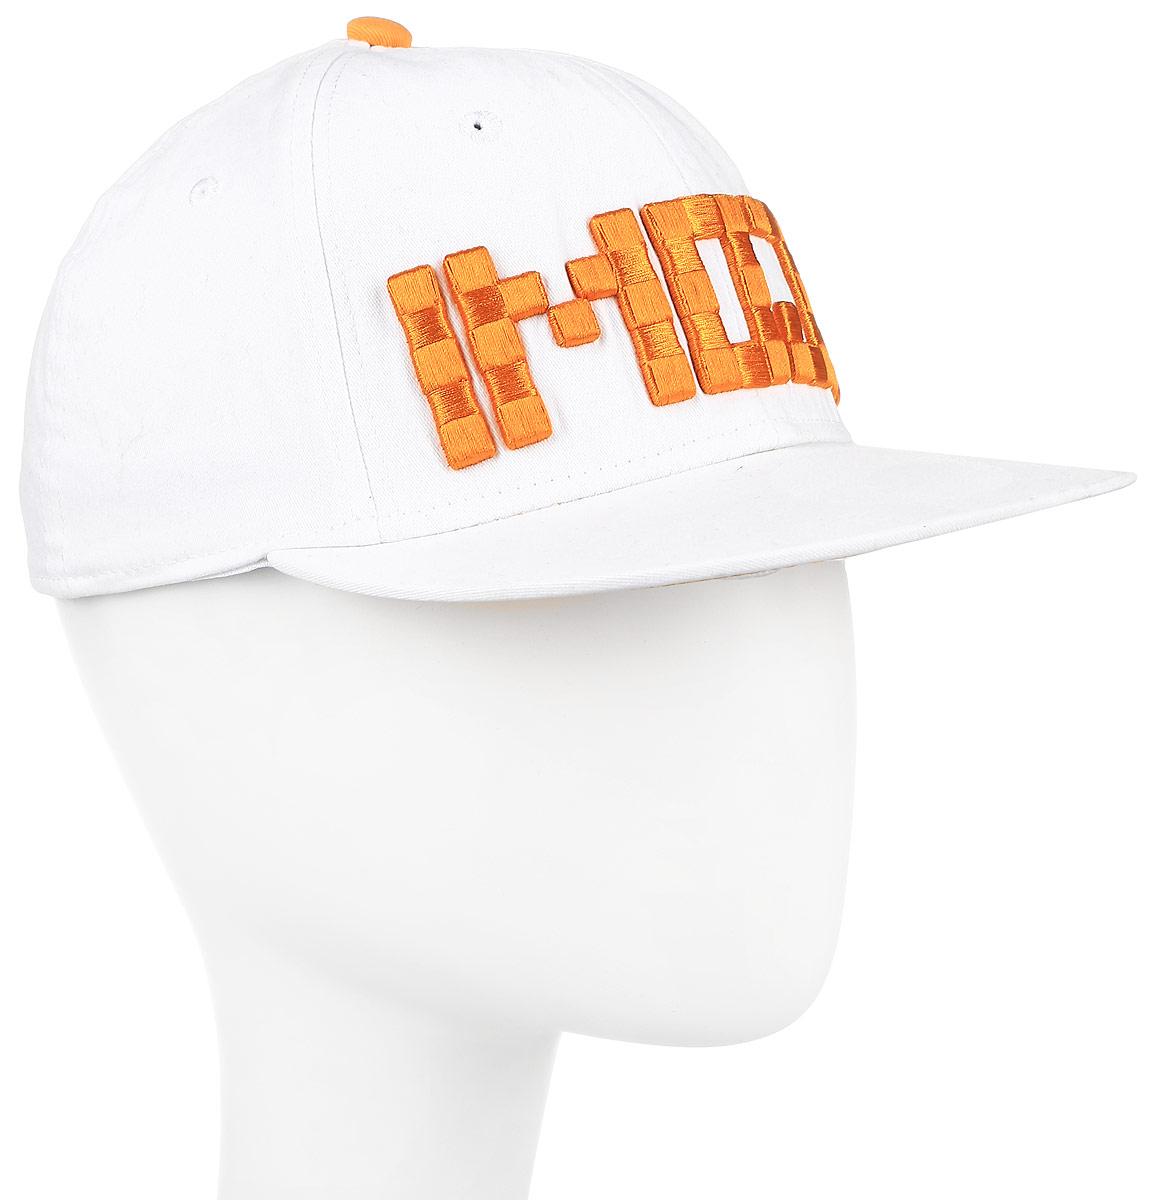 БейсболкаBY151006Модная, стильная молодежная бейсболка